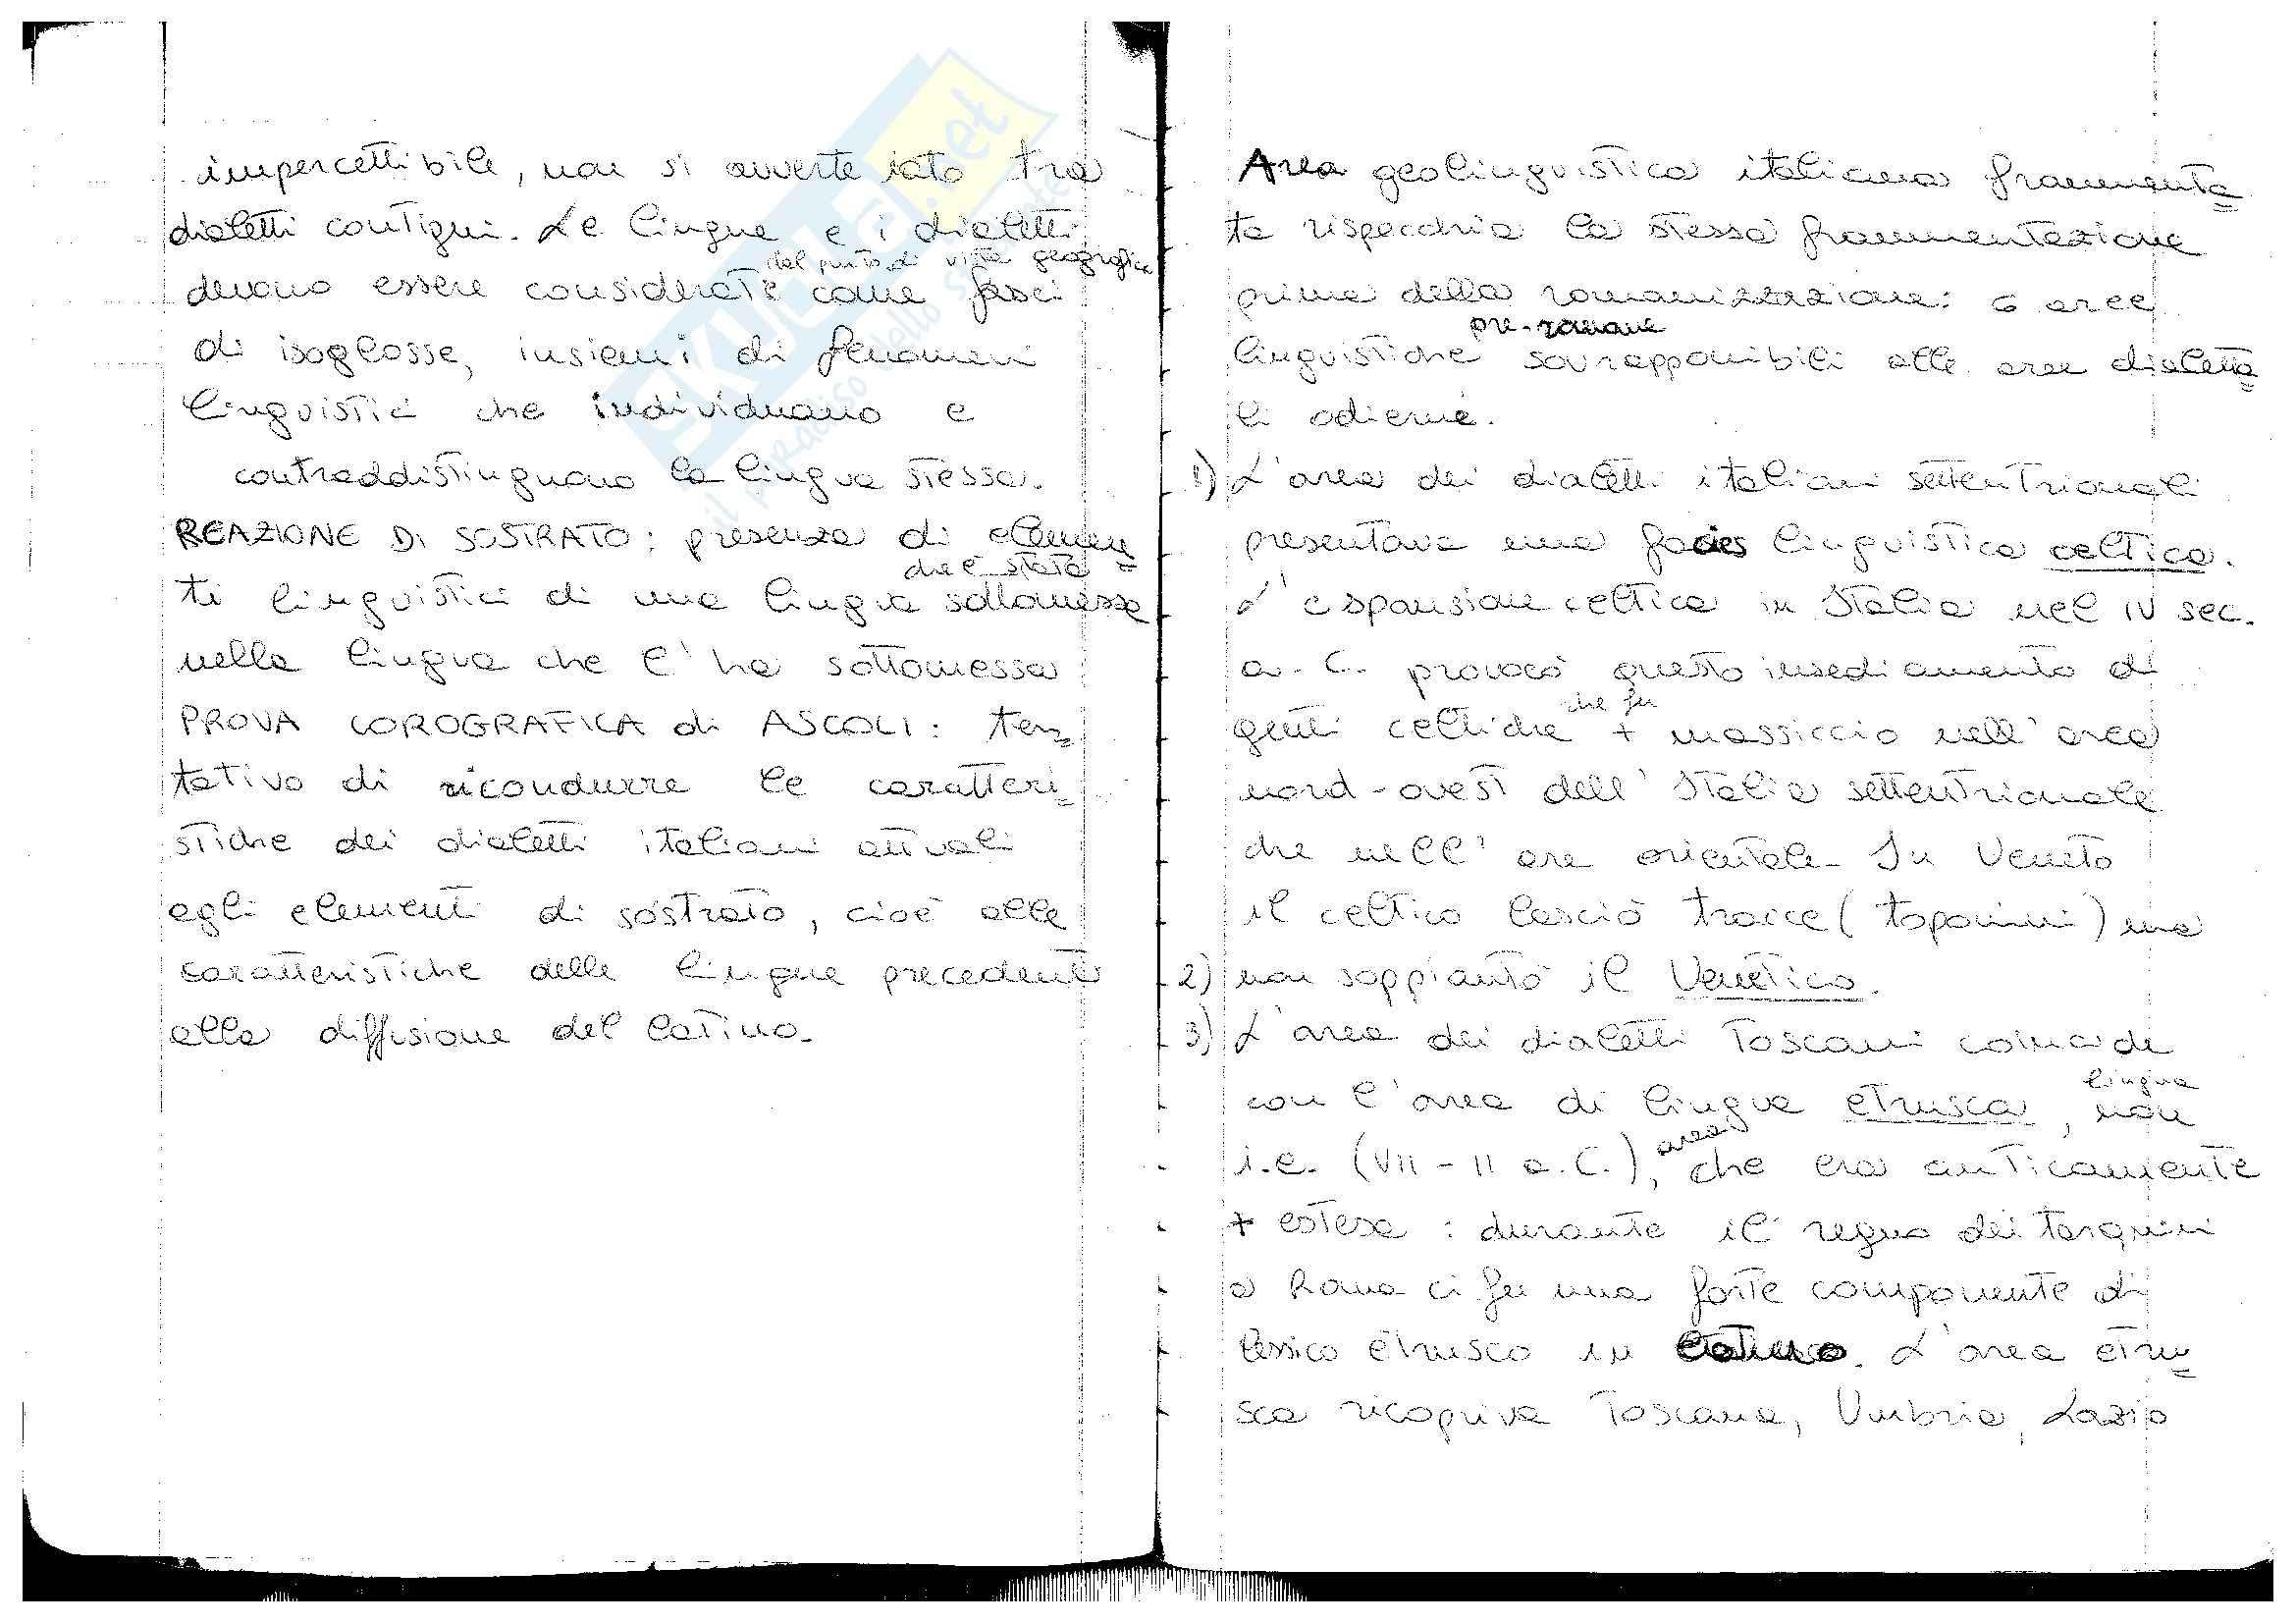 Sostrato e prova corografica di Ascoli